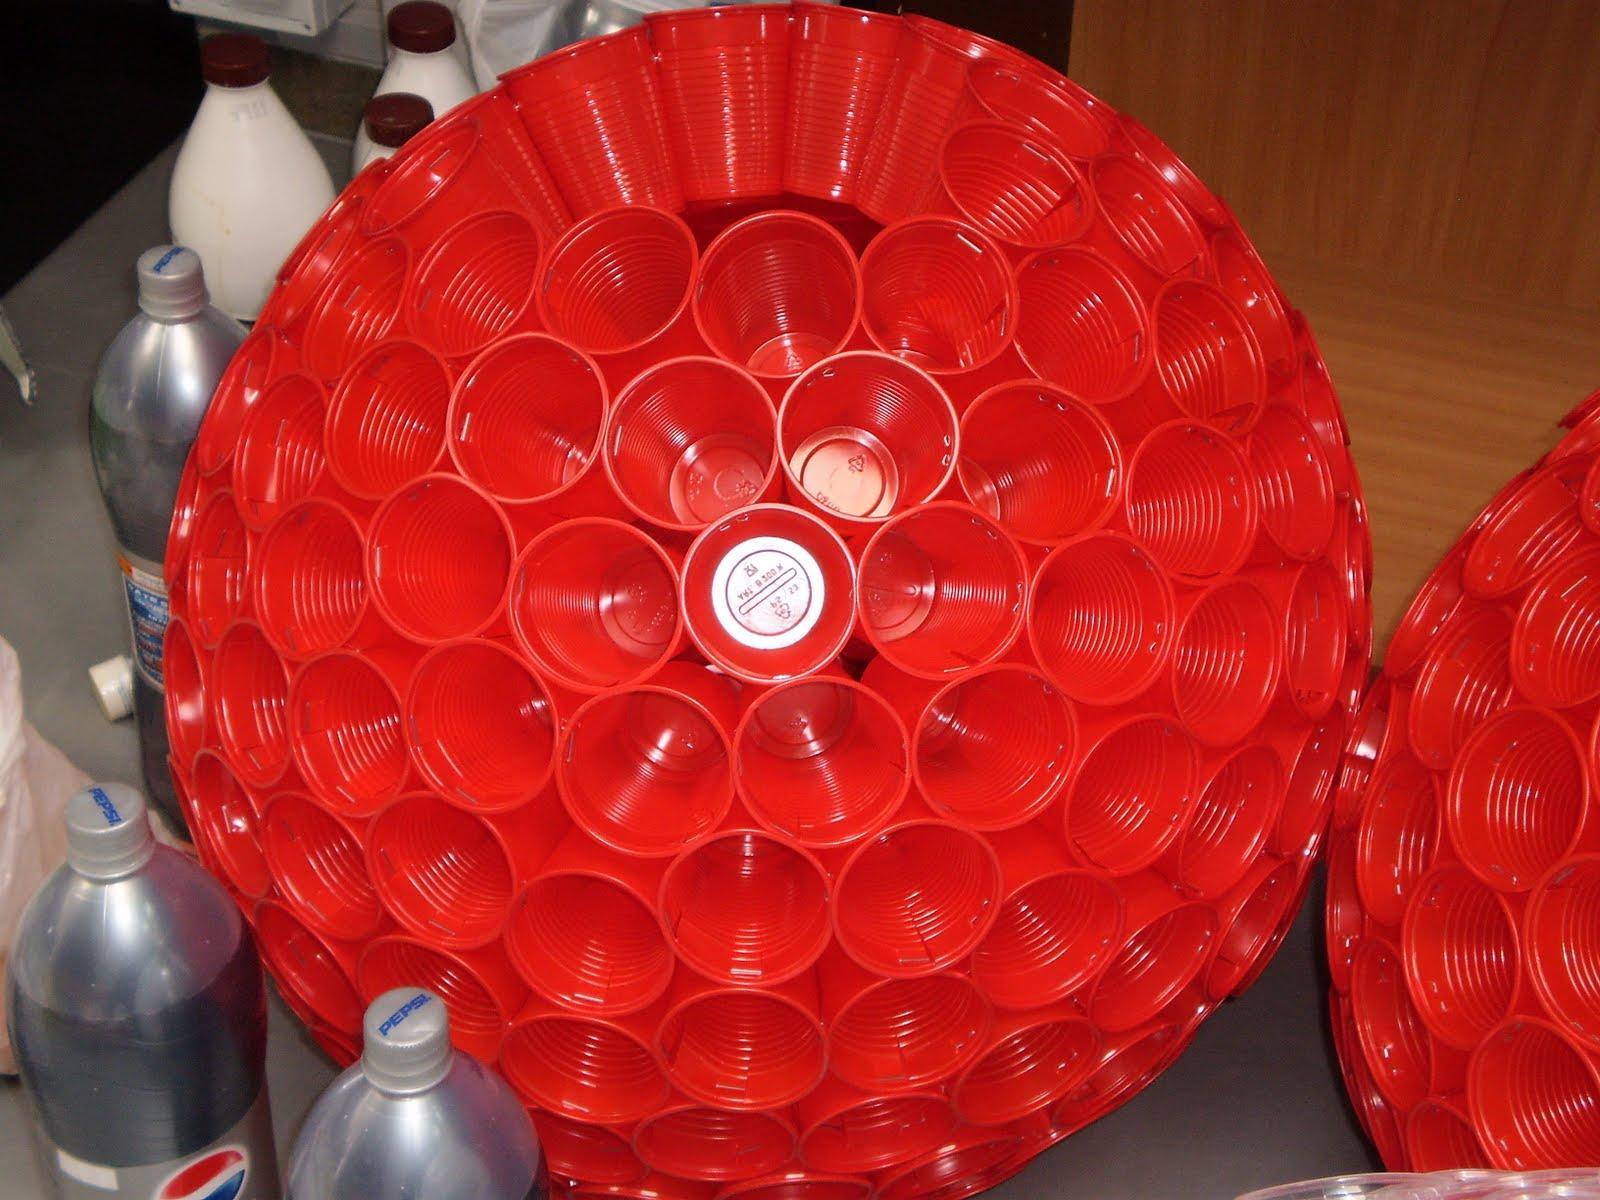 de Navidad y campanas navideñas realizadas con vasos de plástico